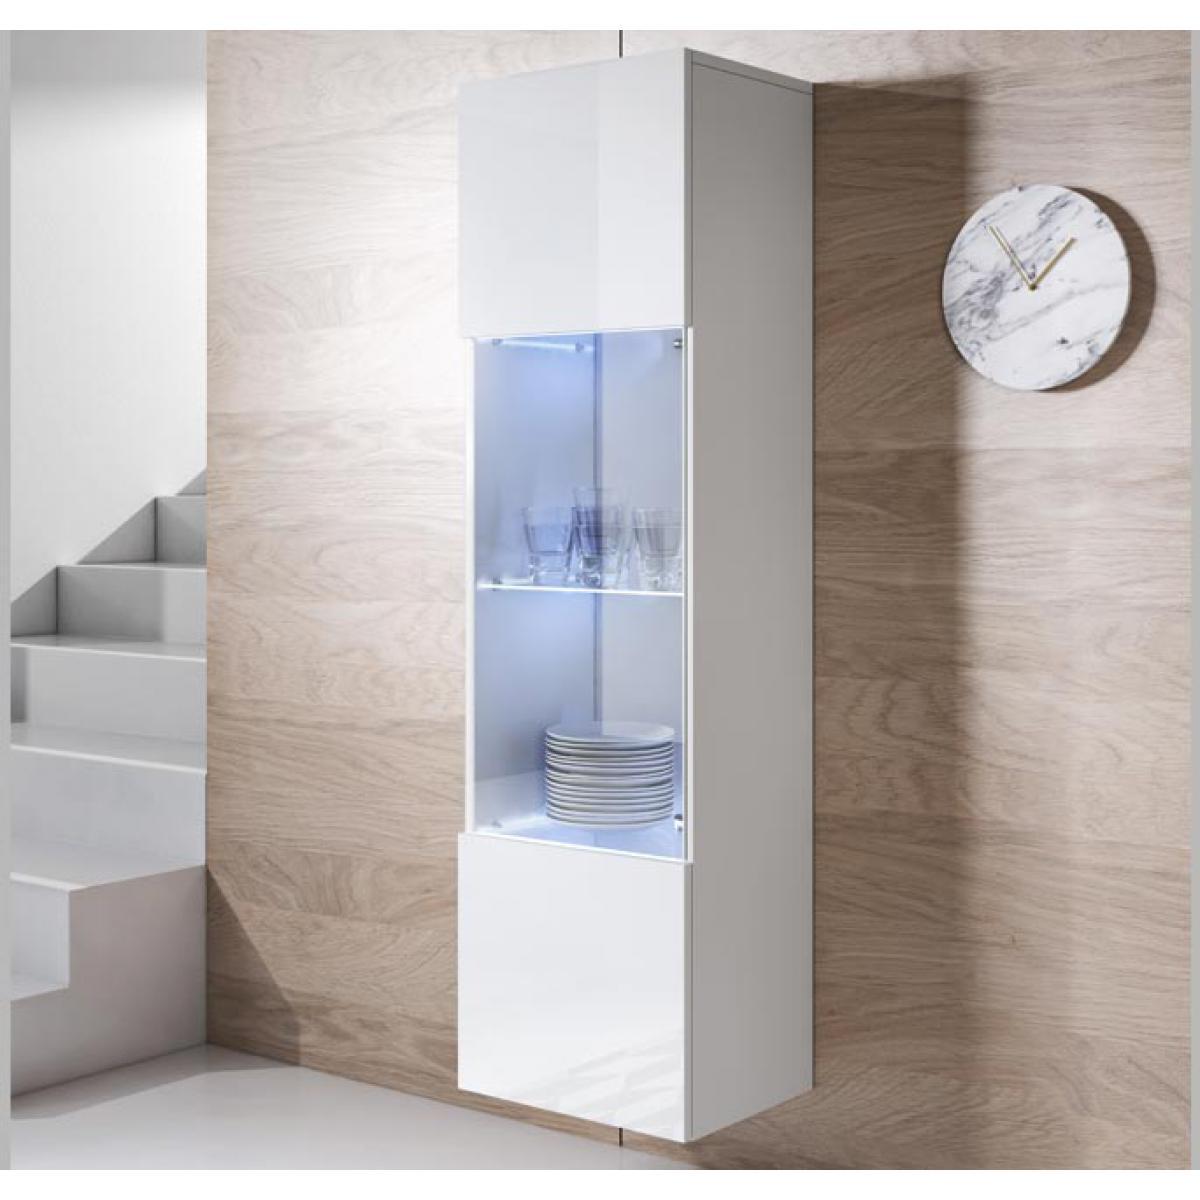 Design Ameublement Armoire mural modèle Luke V6 (40x165cm) couleur blanc